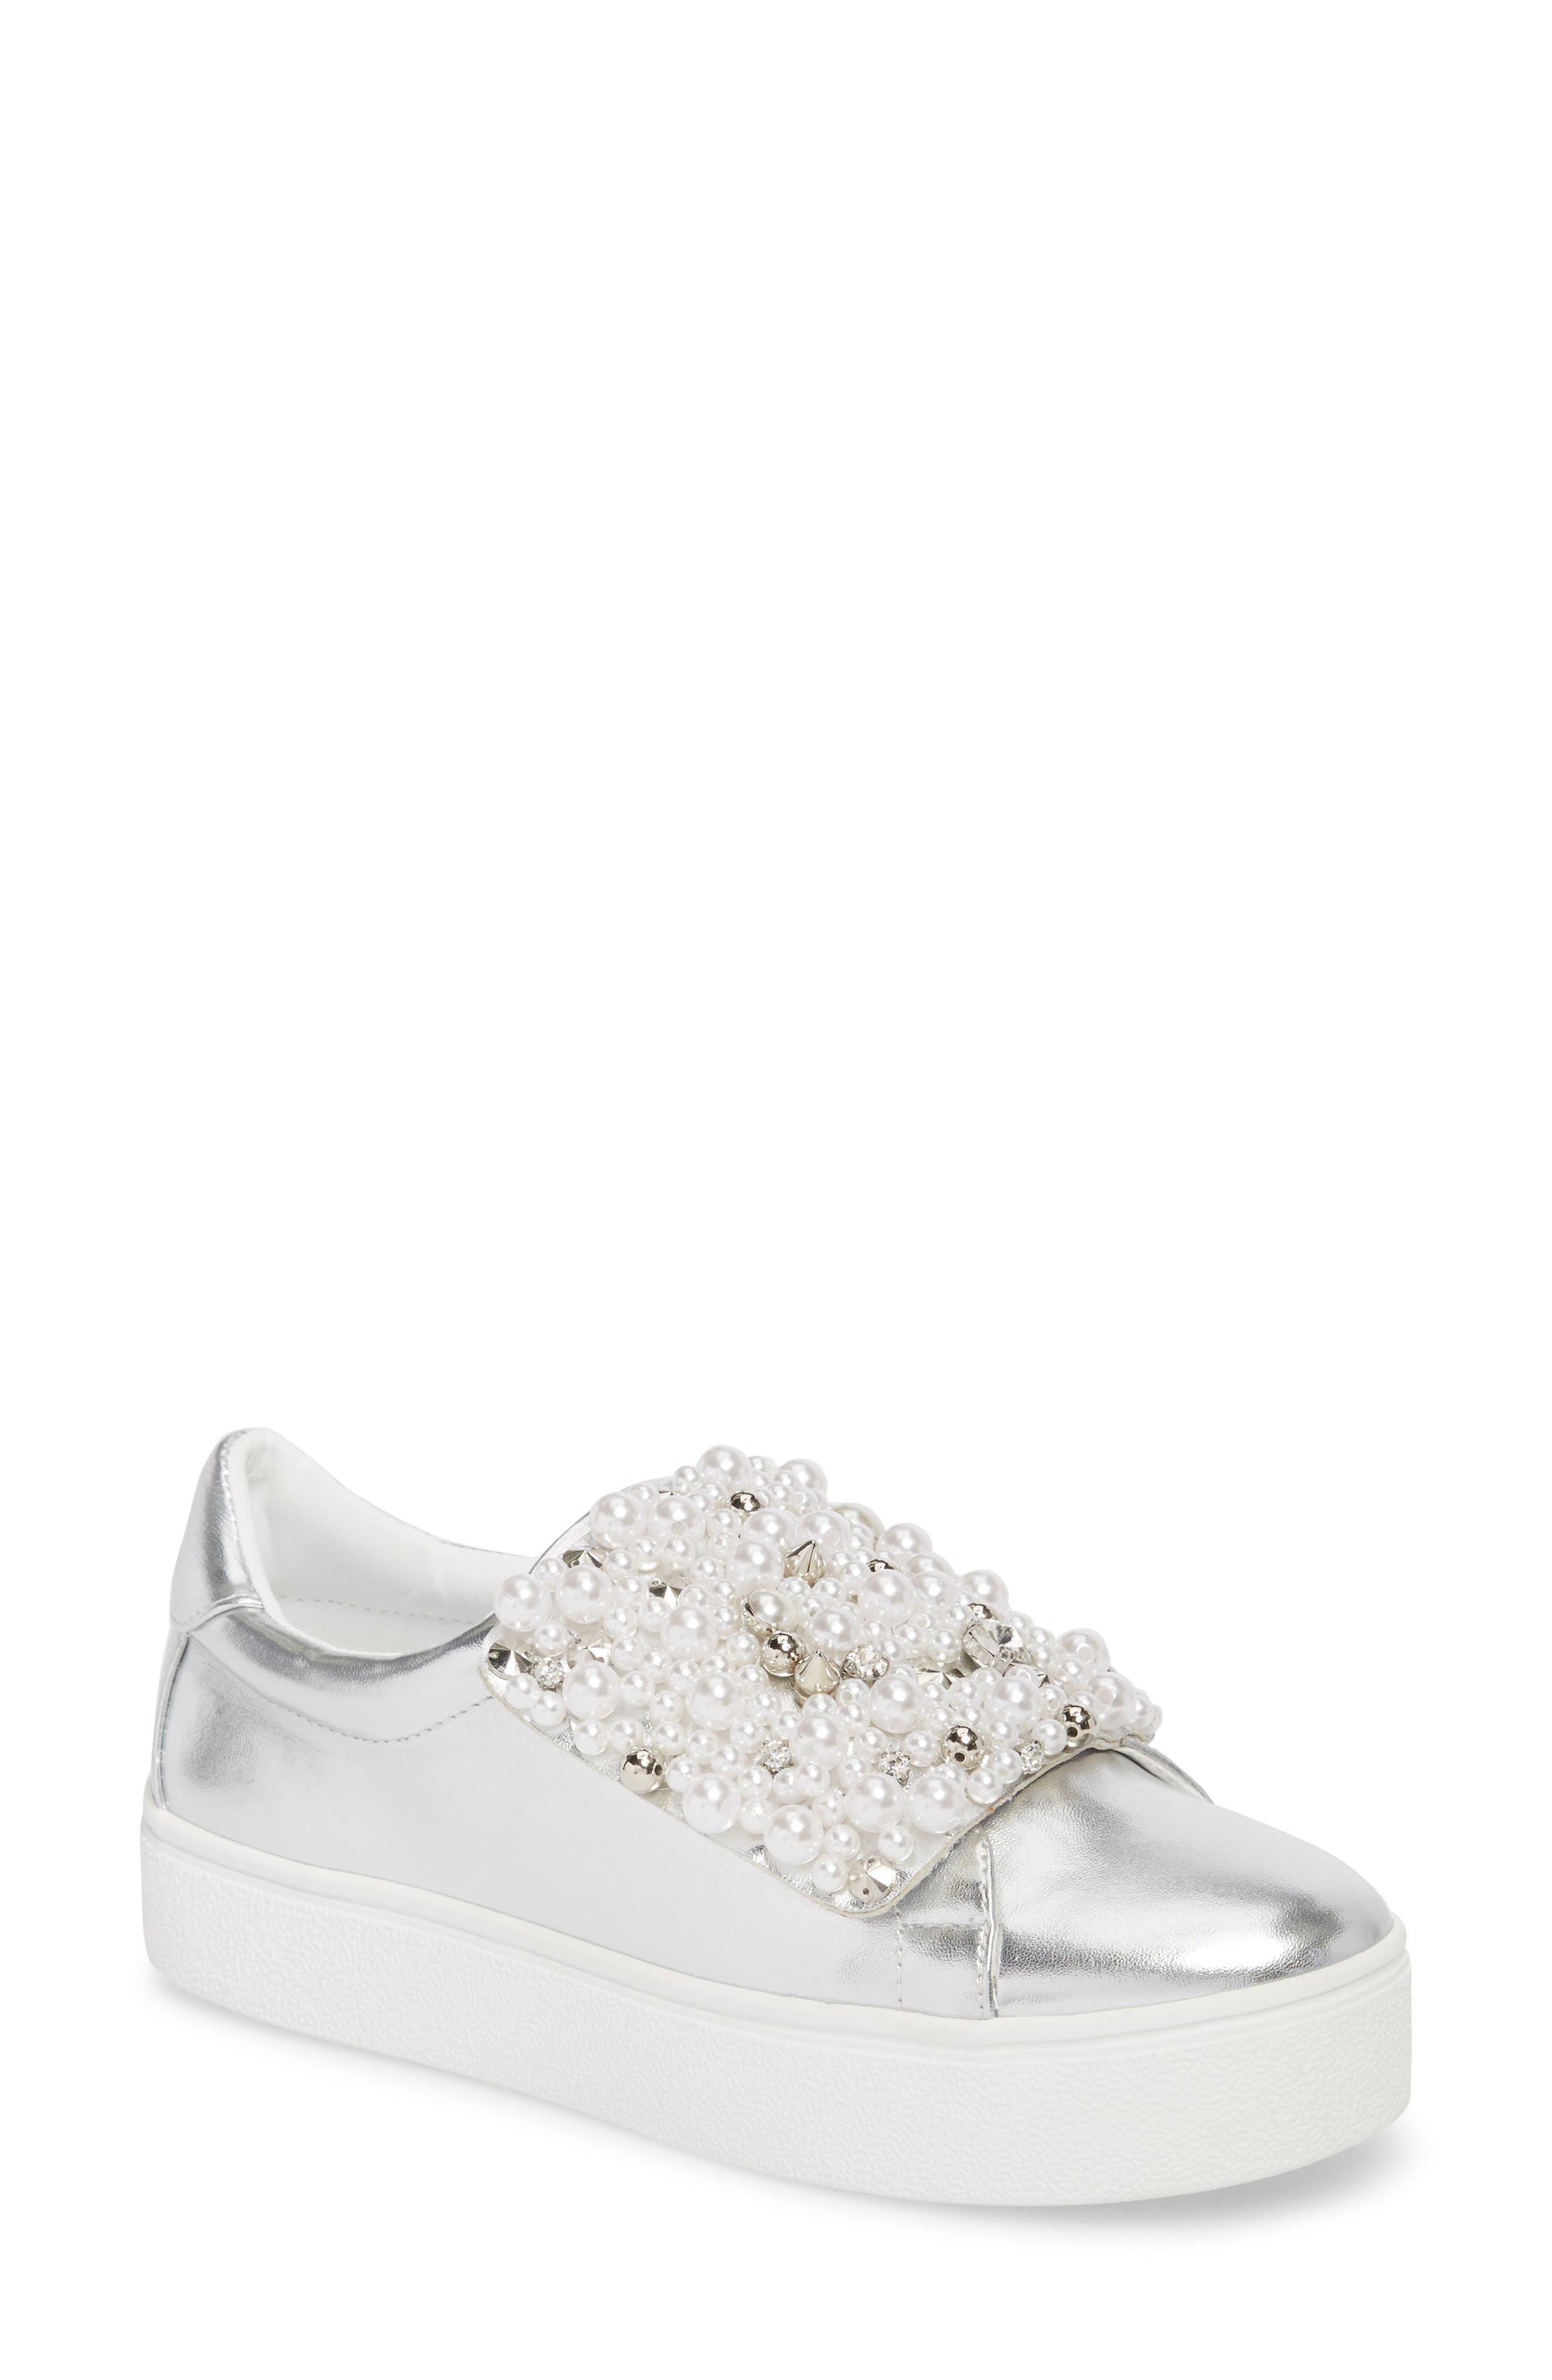 Lion Embellished Slip-On Platform Sneaker,                         Main,                         color, Silver Faux Leather